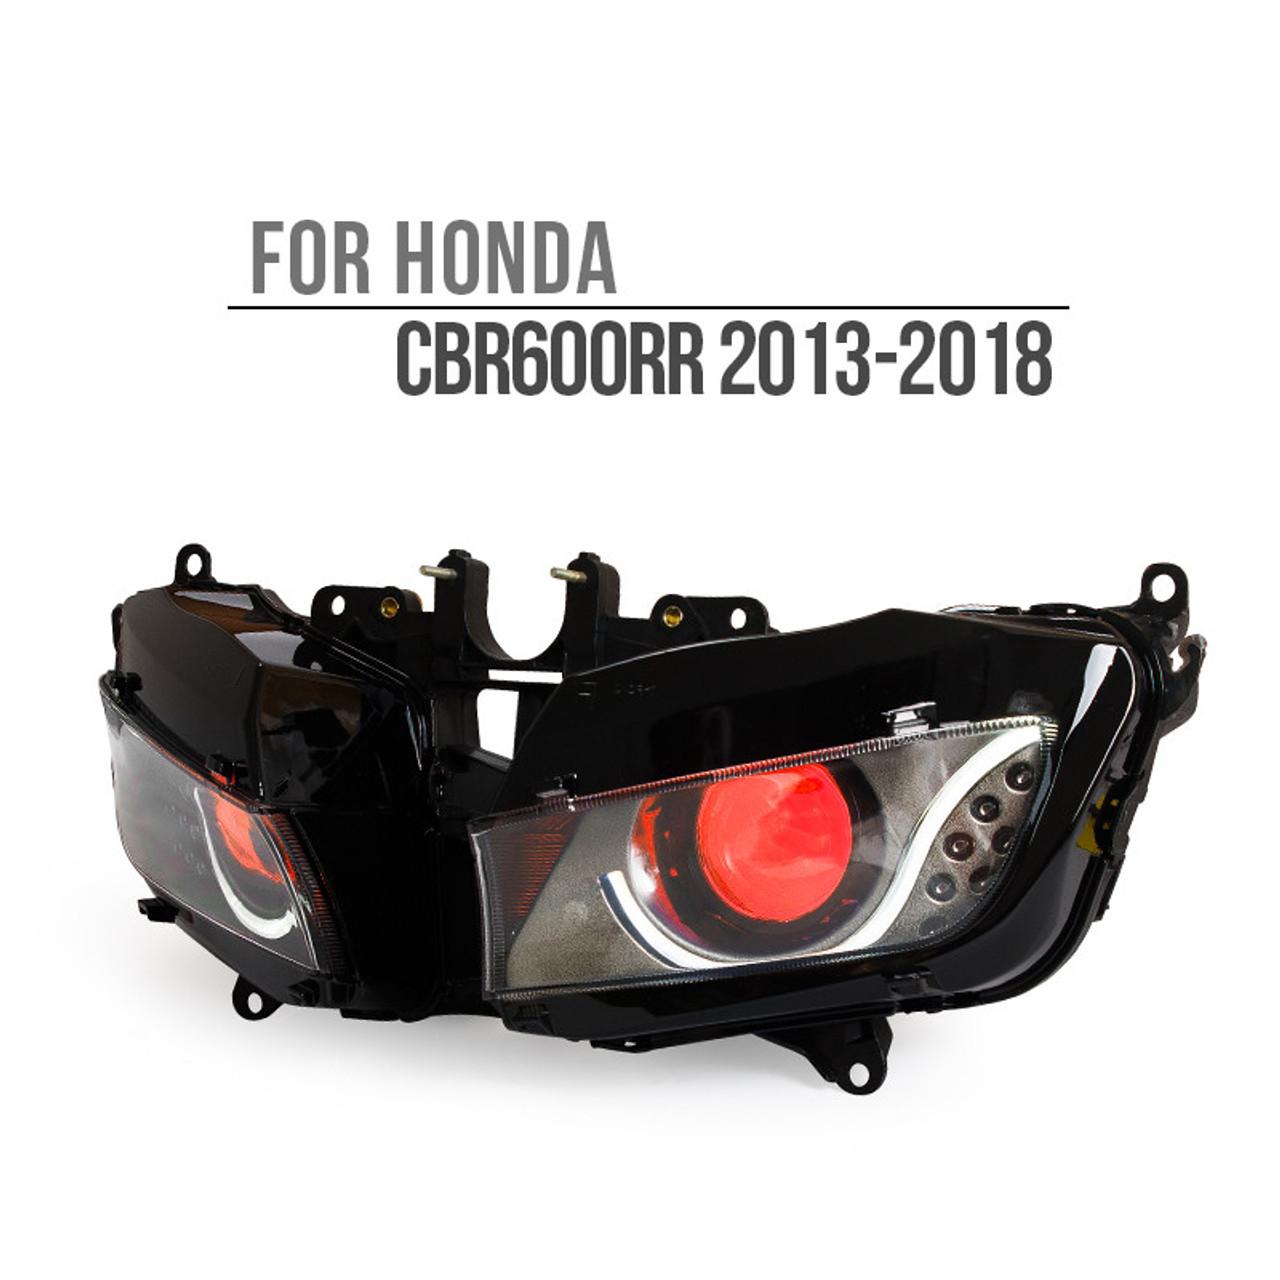 hight resolution of 2013 2014 2015 2016 2017 2018 honda cbr600rr headlight